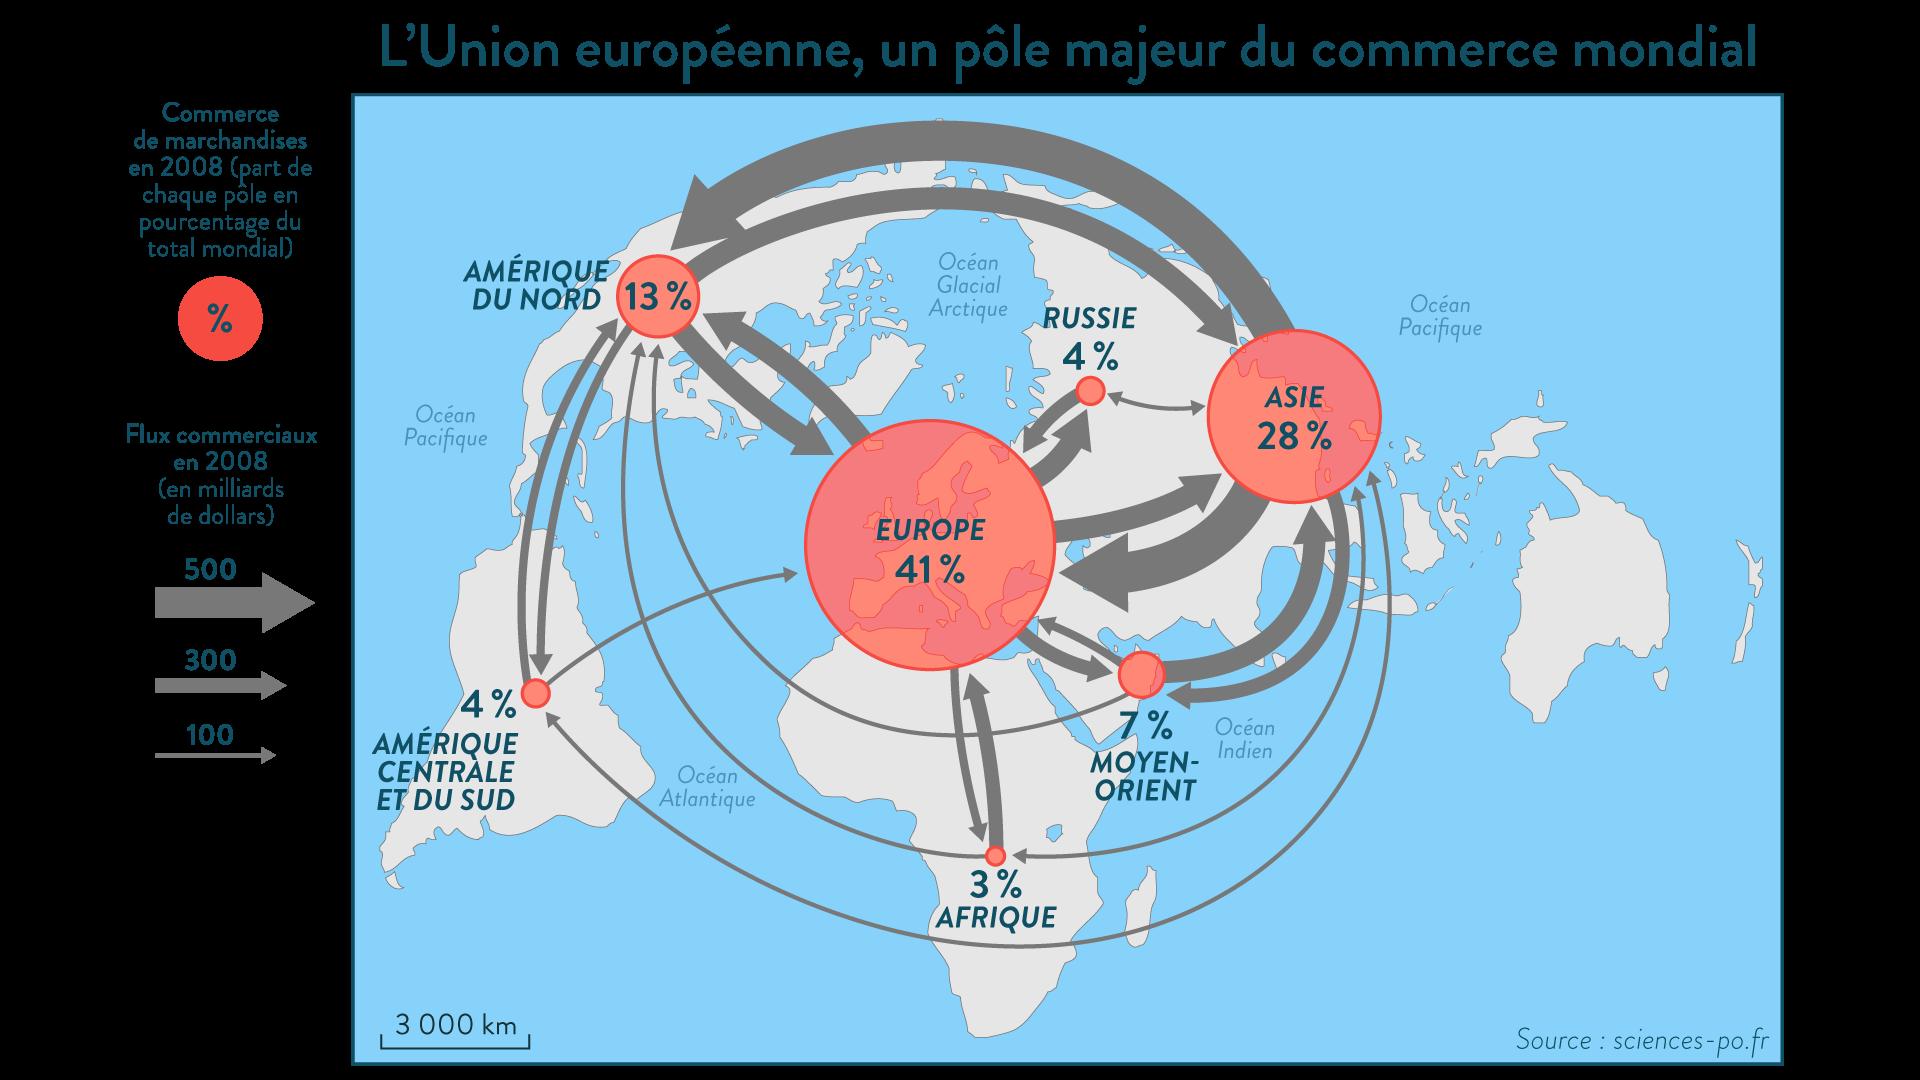 L'Union européenne, un pôle majeur du commerce mondial